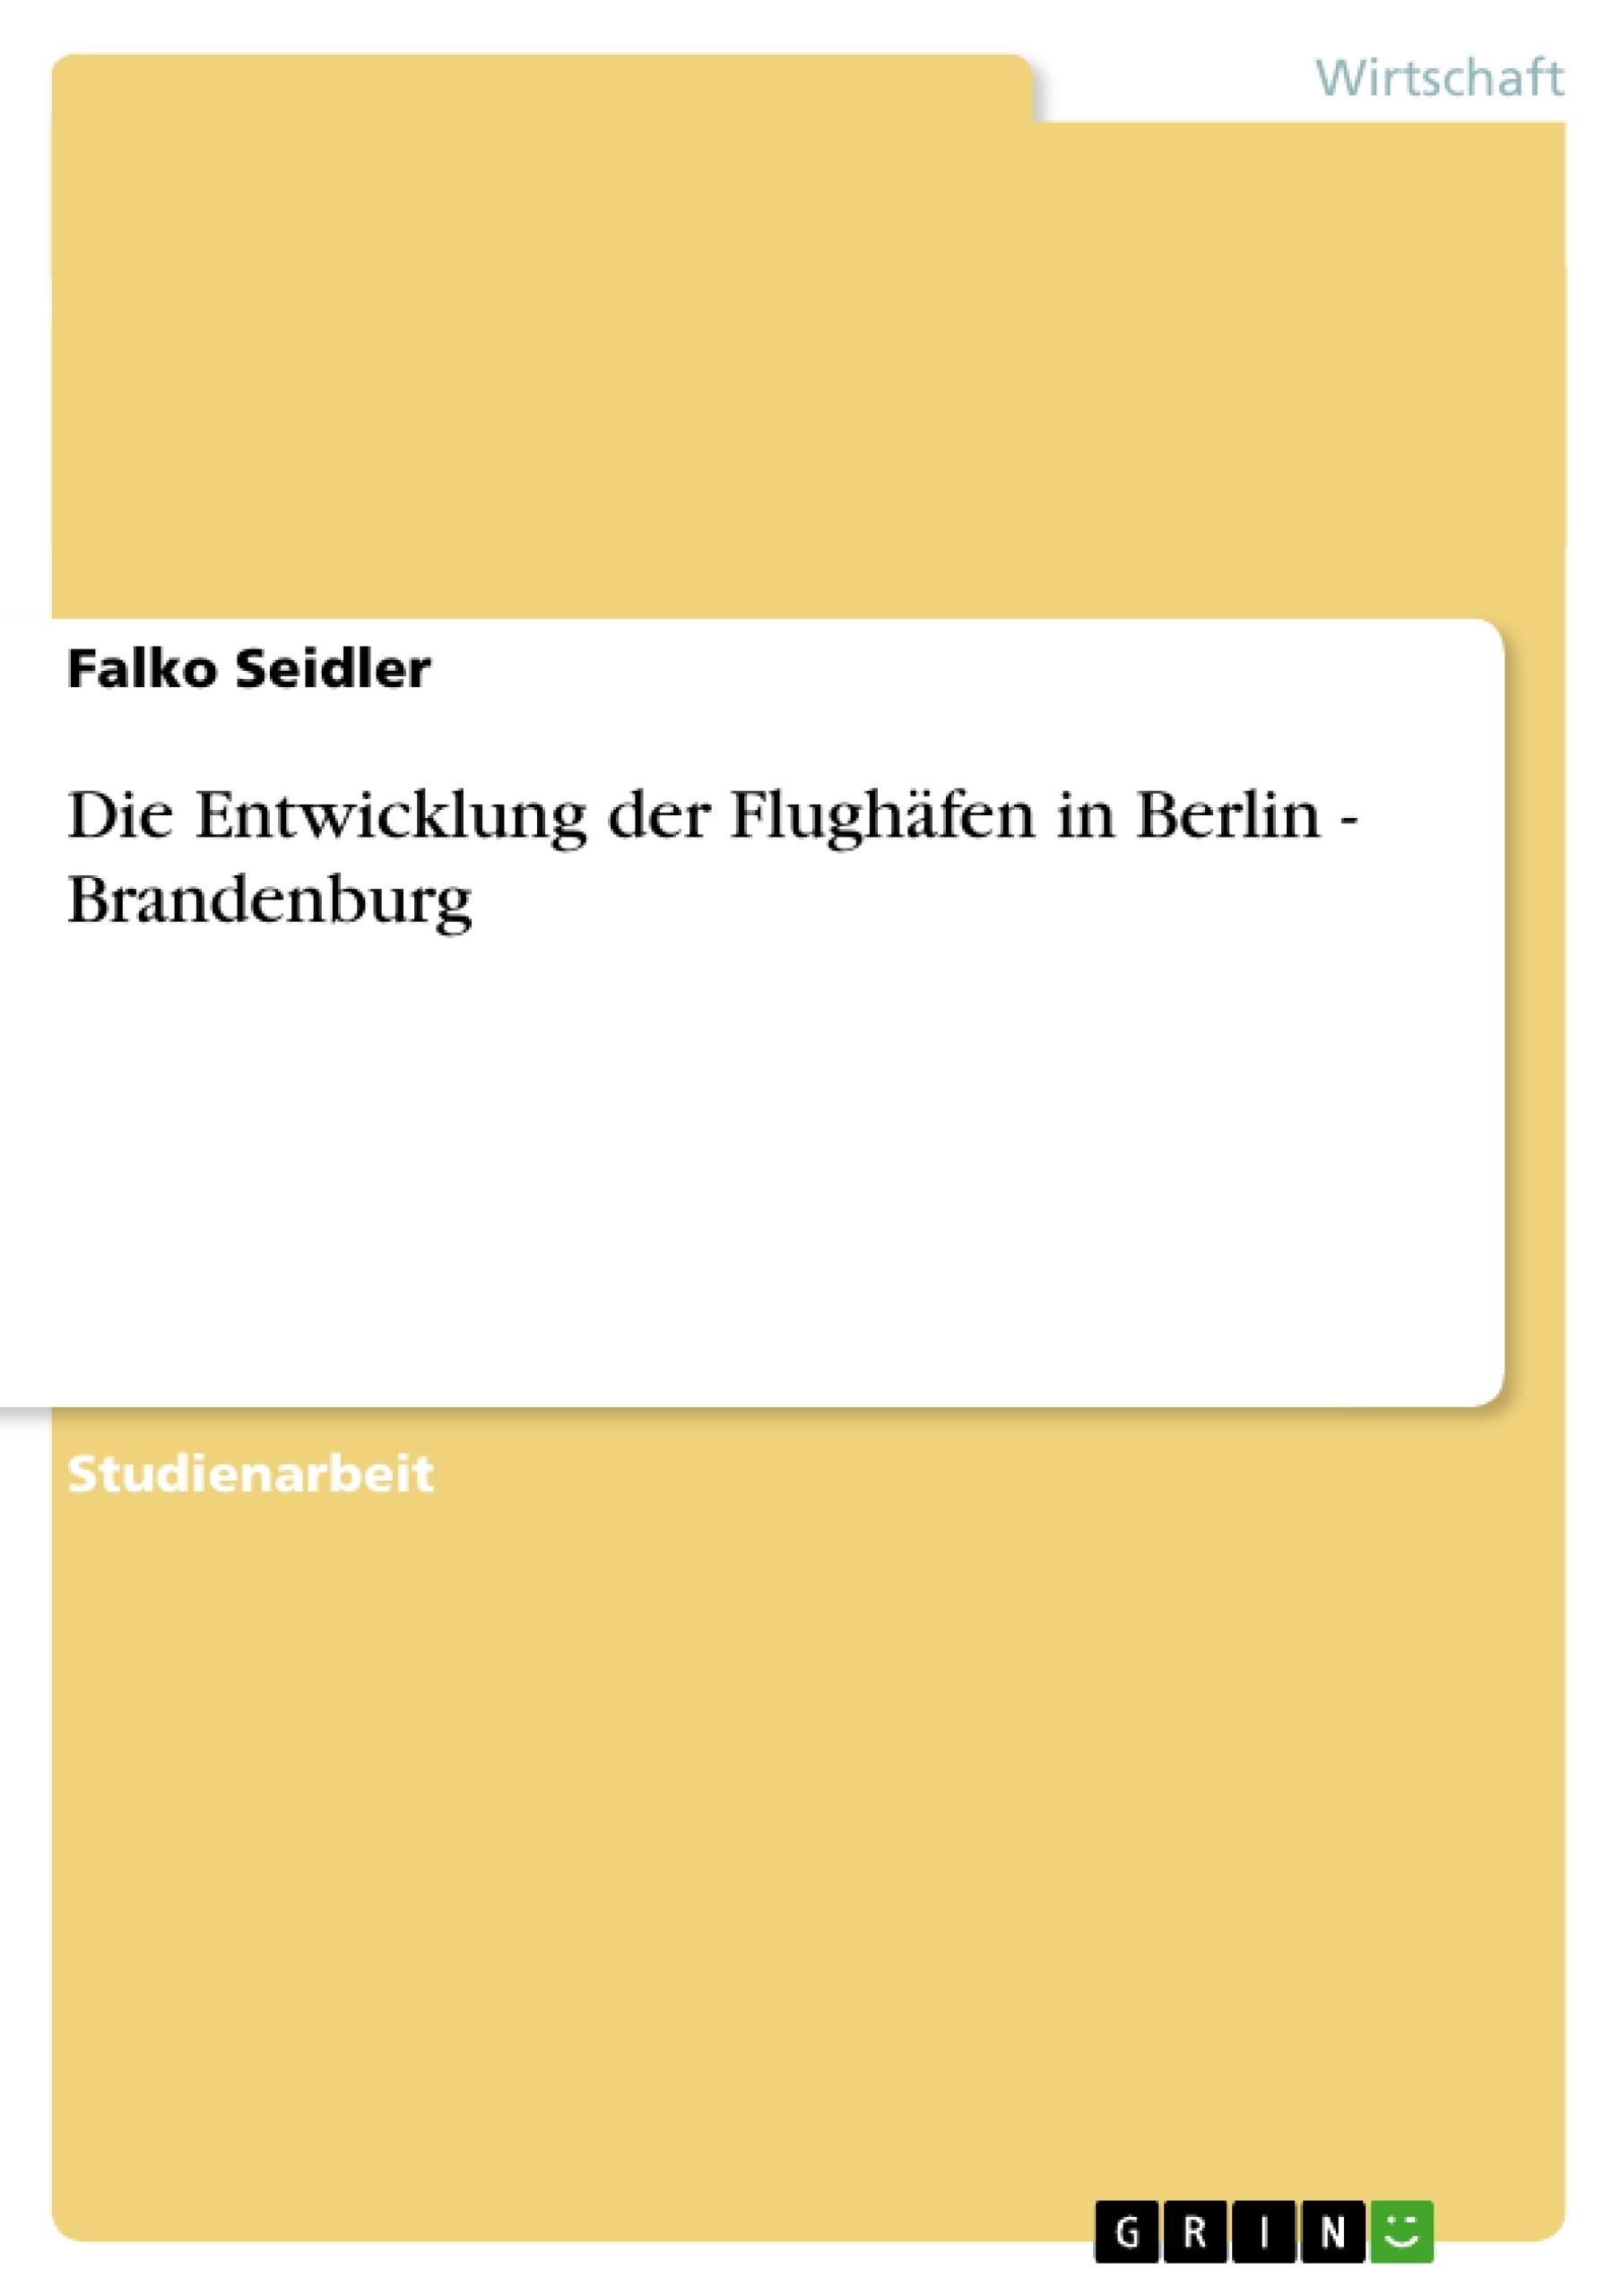 Titel: Die Entwicklung der Flughäfen in Berlin - Brandenburg